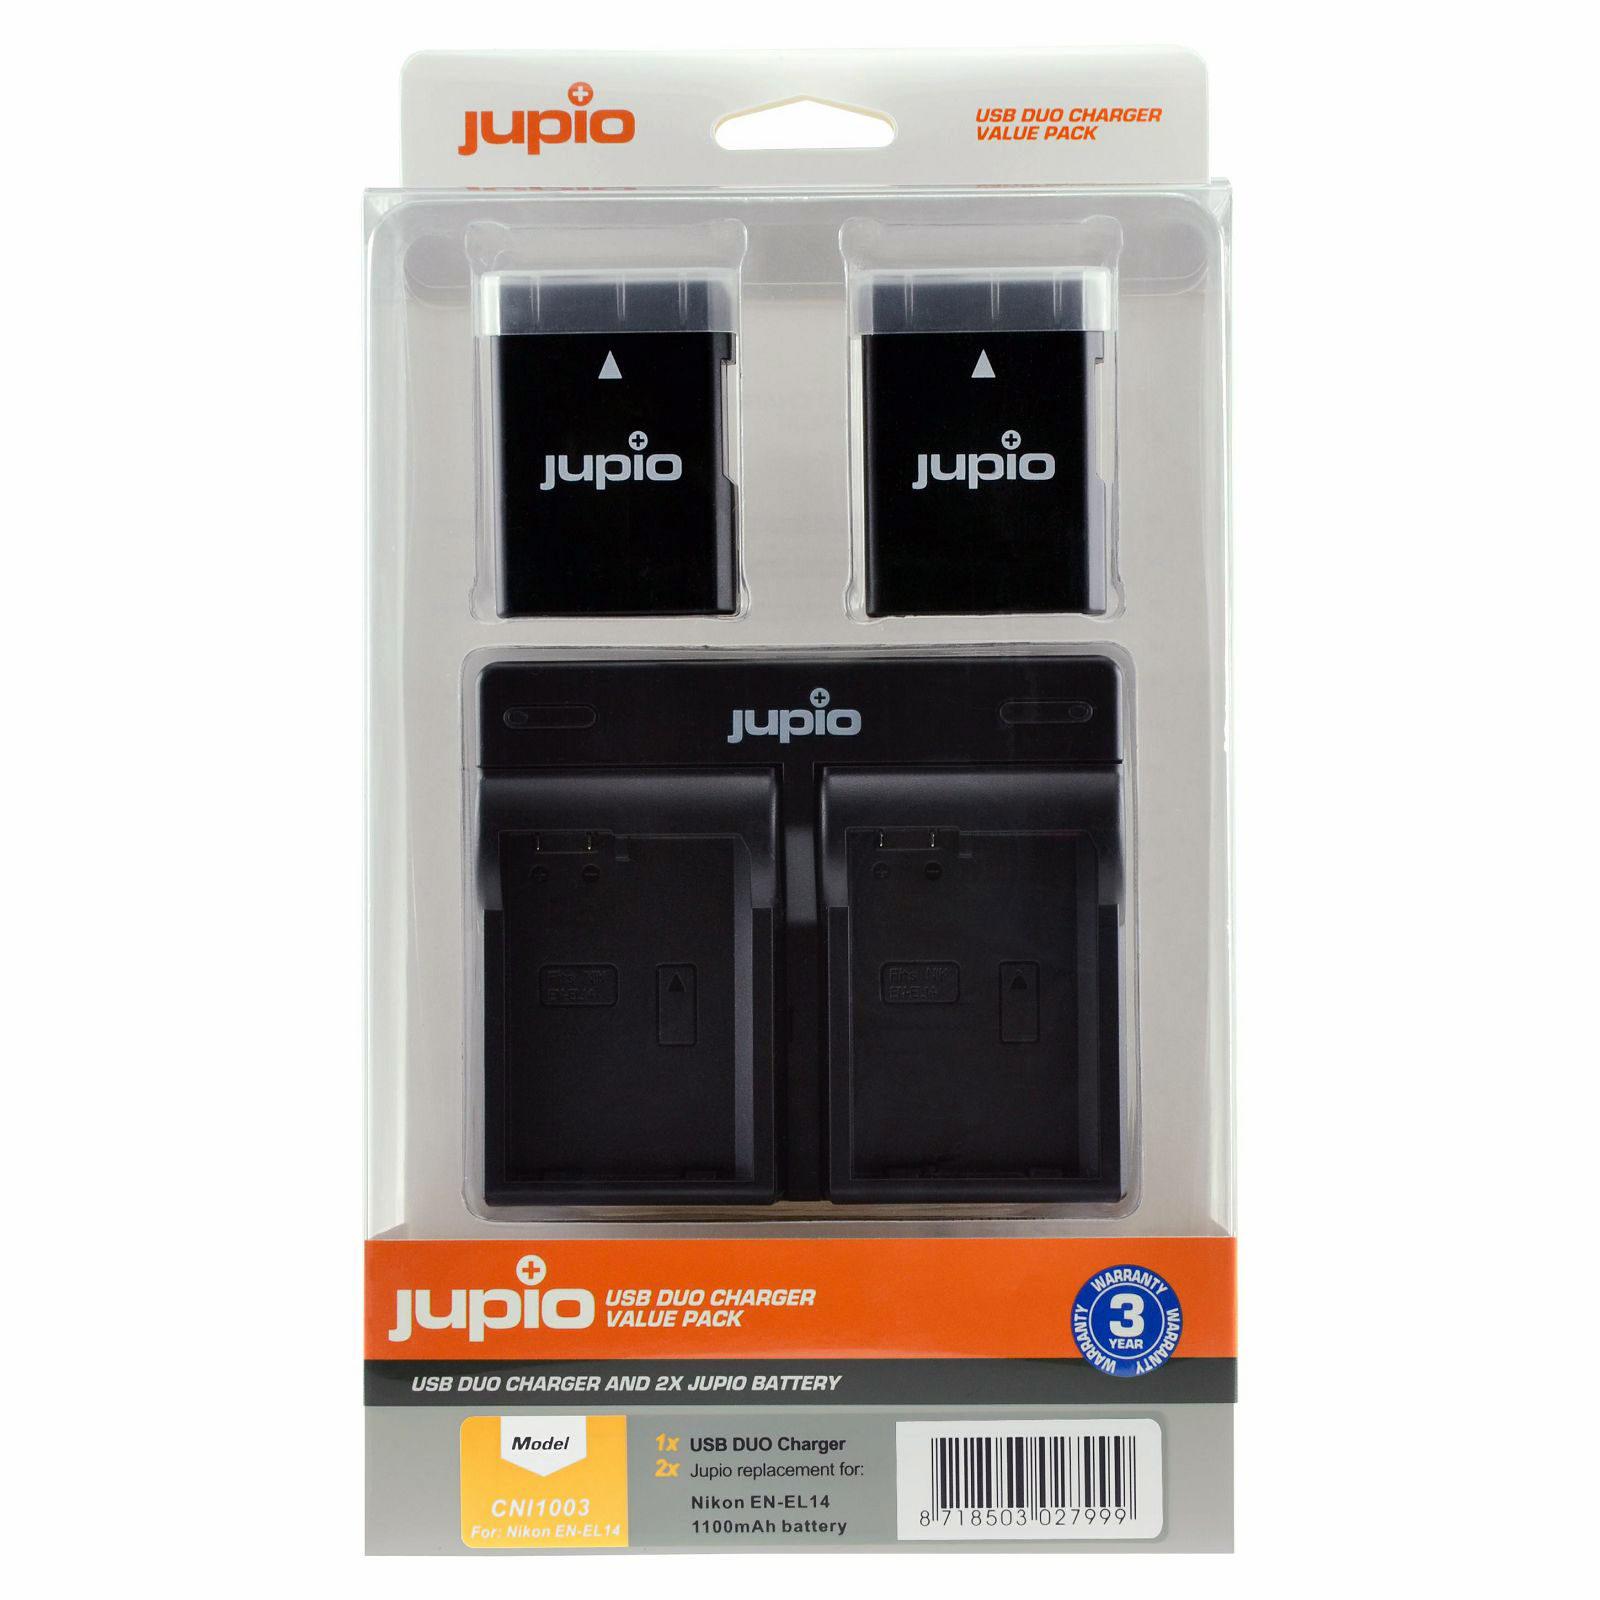 Nikon EN-EL14/EN-EL14A USB Duo Charger Kit (Merk Jupio)